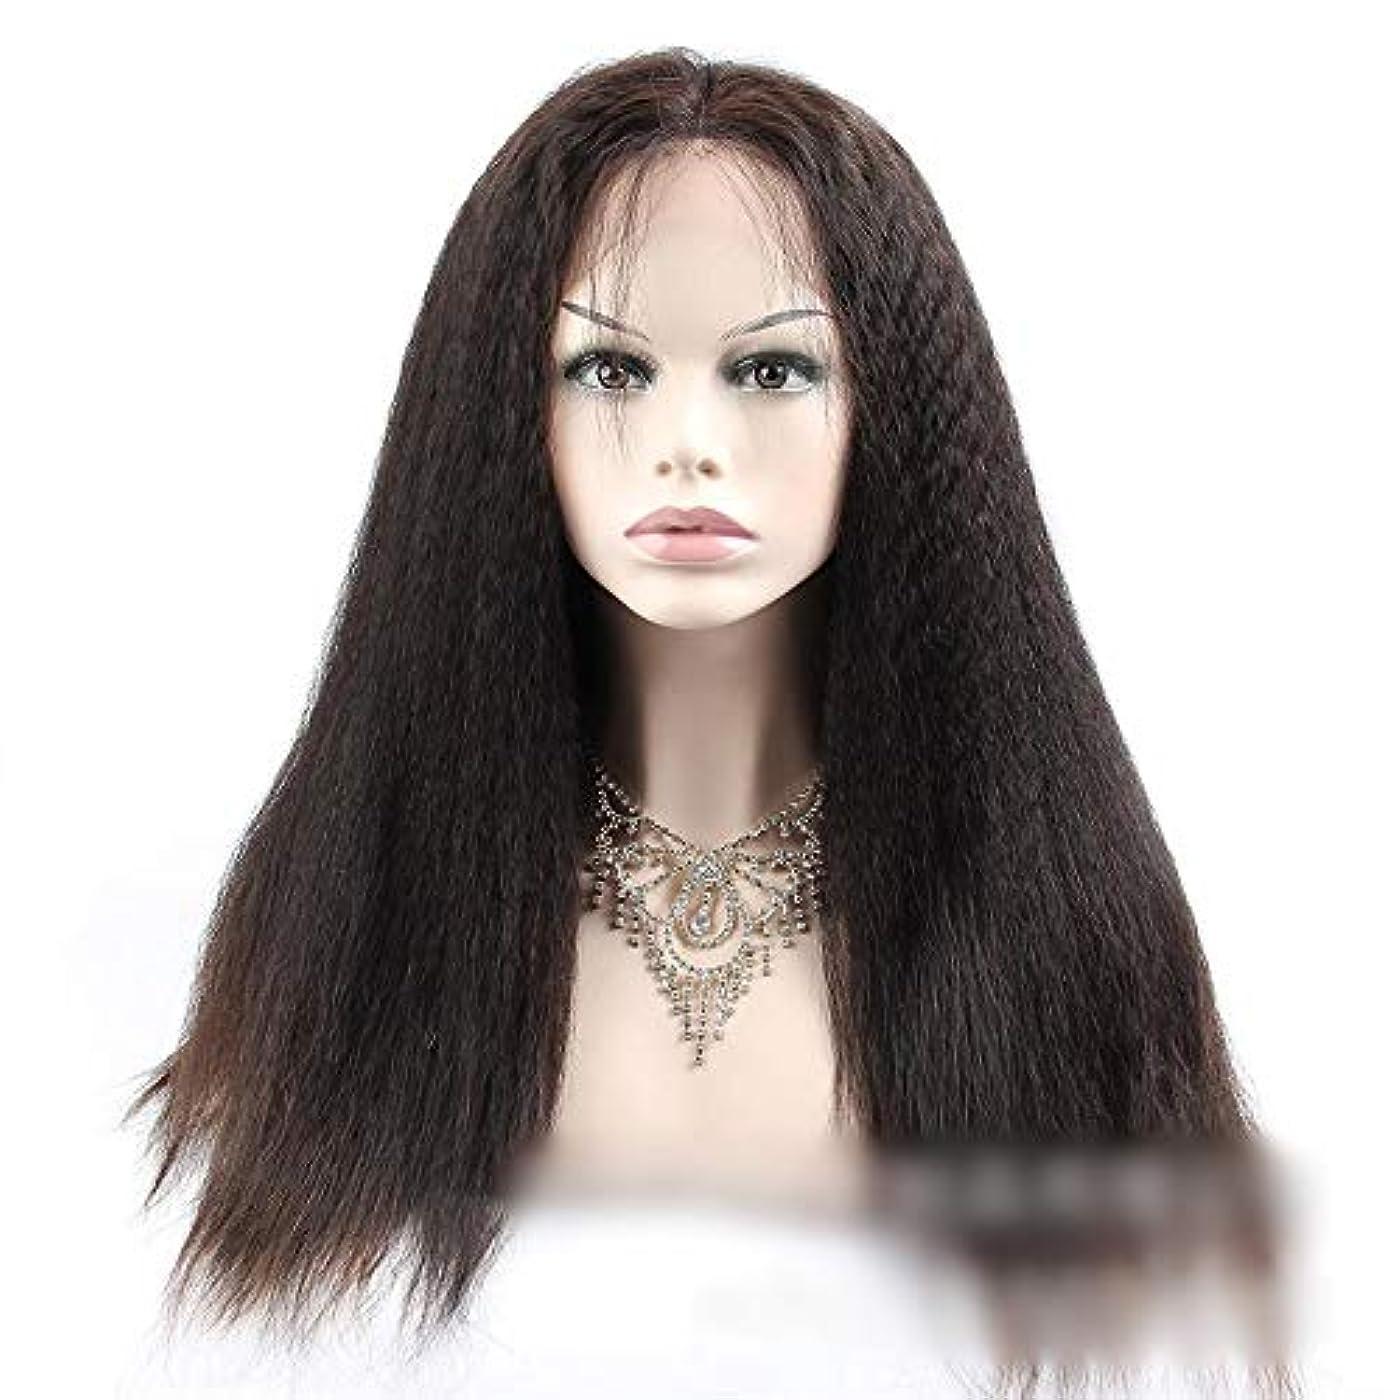 反対するペン更新するHOHYLLYA 360人間の髪の毛のレースの閉鎖前頭変態ストレートヘア高密度ヘアエクステンション小さなカーリーウィッグ (色 : 黒, サイズ : 12 inch)